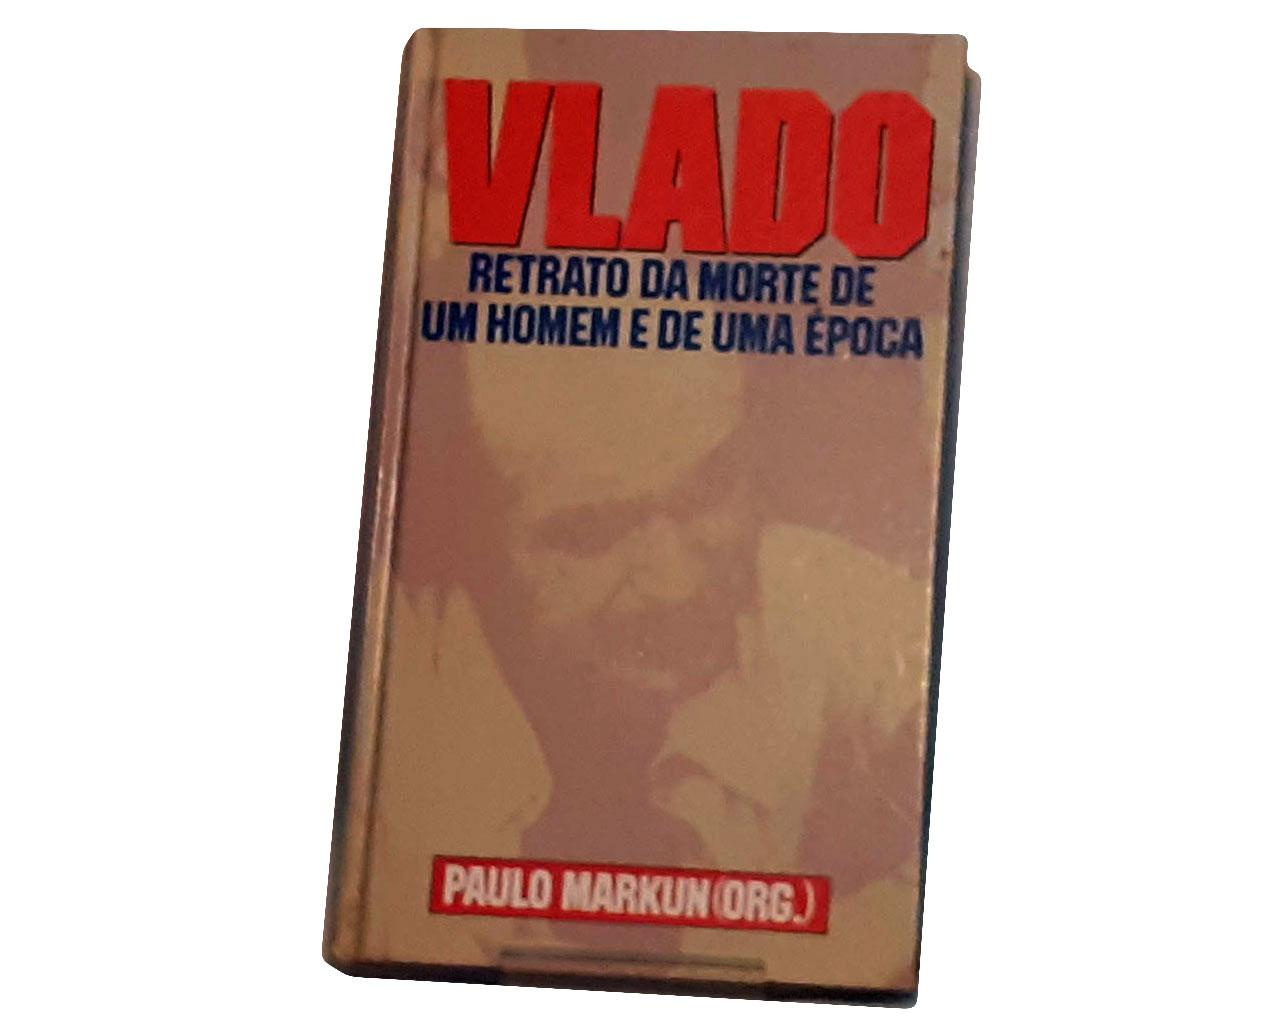 Livro: Vlado, de Paulo Markun - História real do Brasil